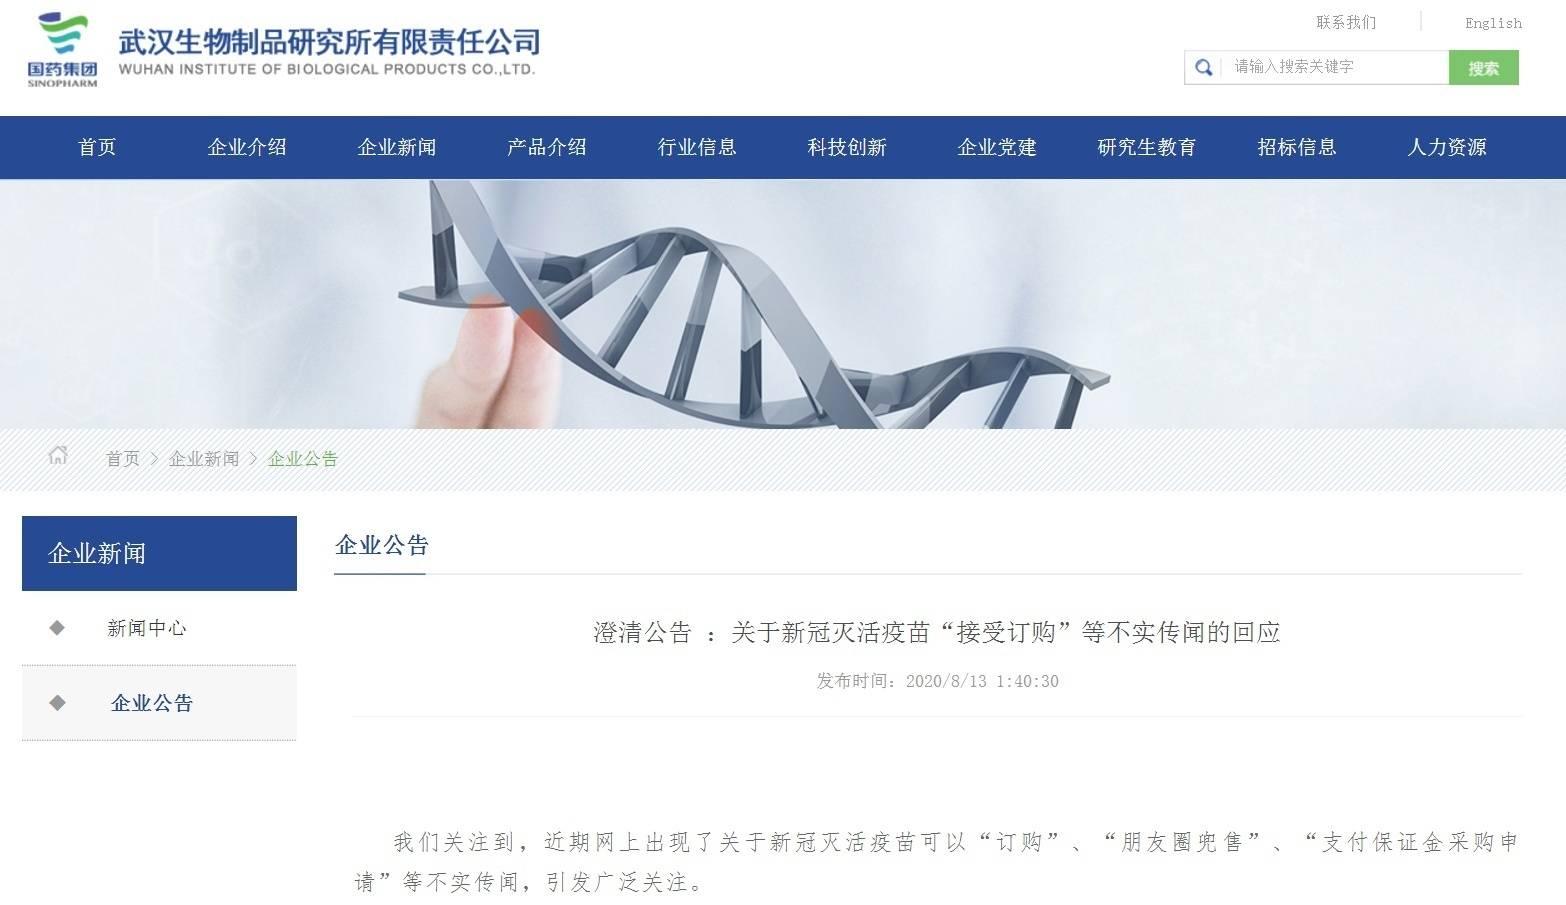 """武汉生物制品研究所:新冠疫苗""""可订购""""等传闻不实"""